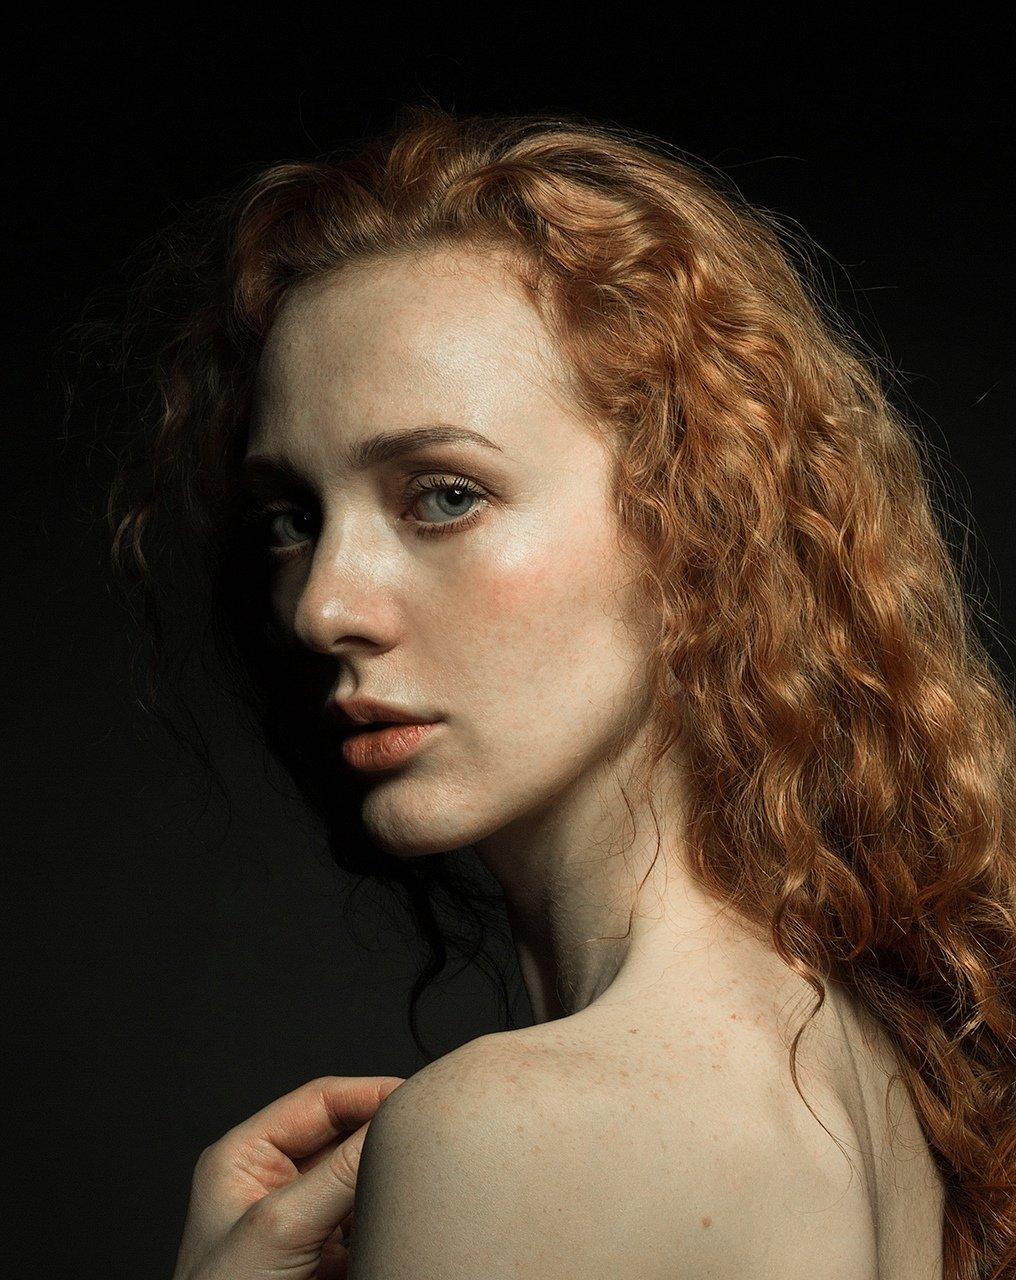 модель, девушка, рыжая, волосы, кудри, картина, губы, глаза, локоны, красивая, женщина, портрет, Комарова Дарья